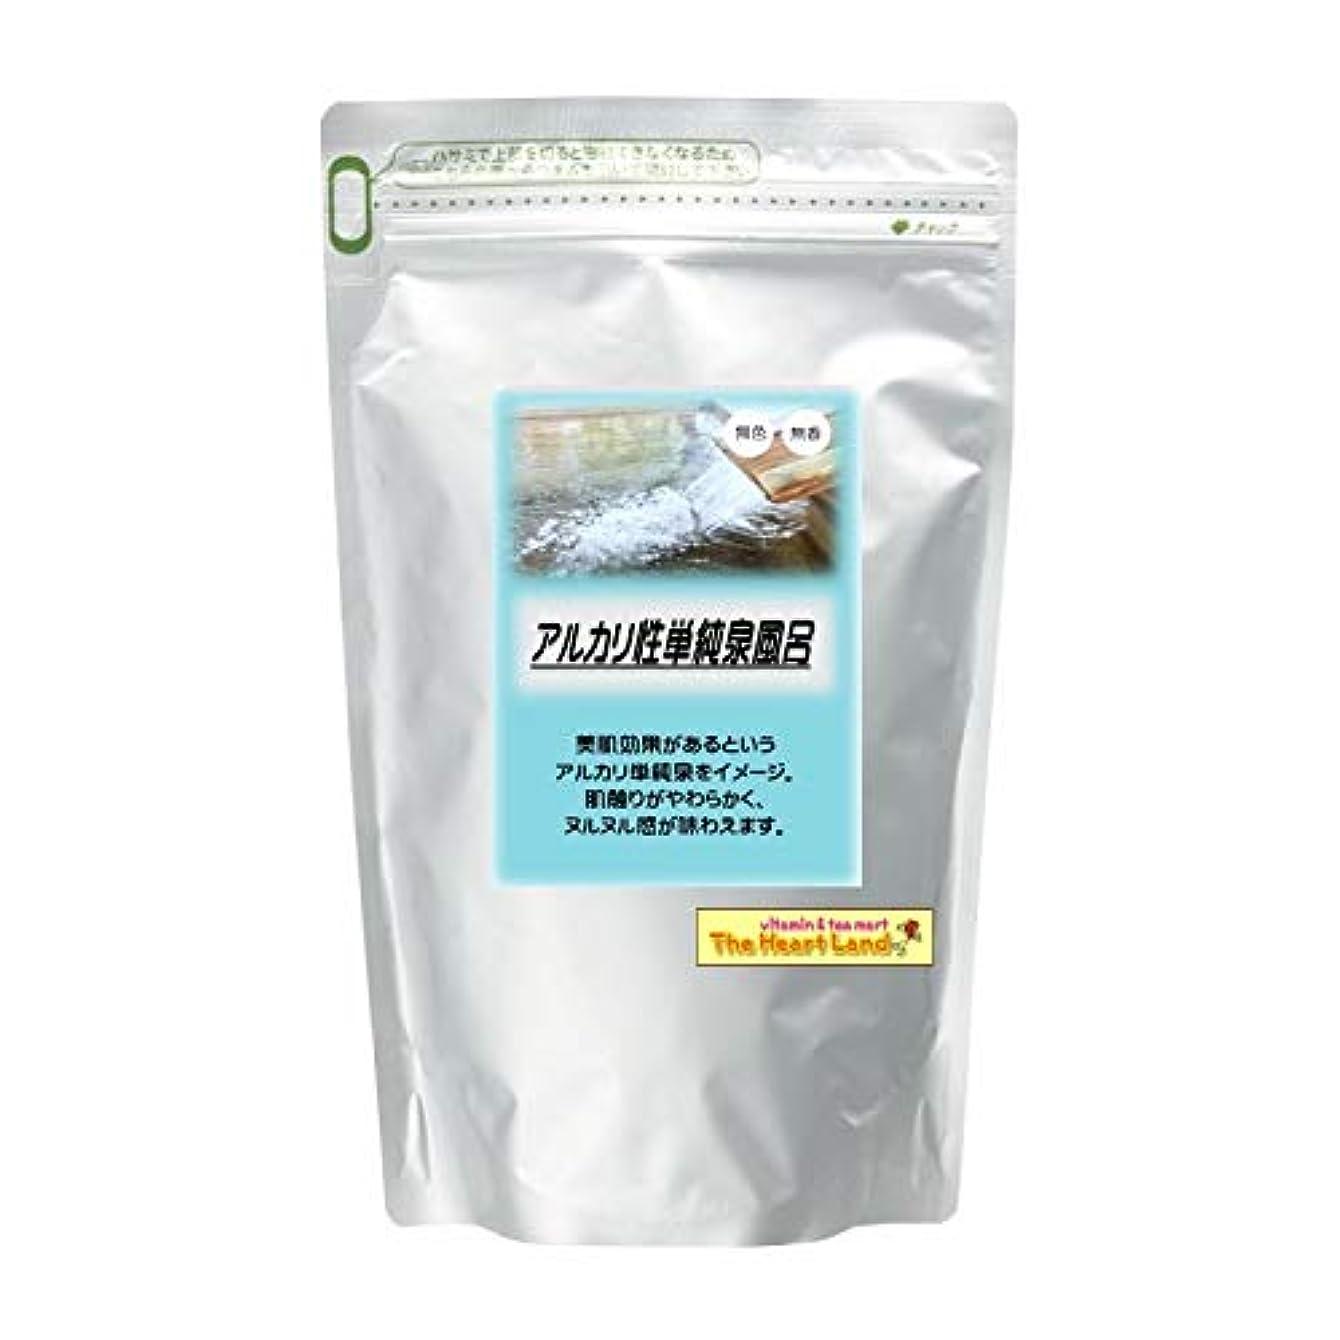 特異性正しい賃金アサヒ入浴剤 浴用入浴化粧品 アルカリ性単純泉風呂 2.5kg